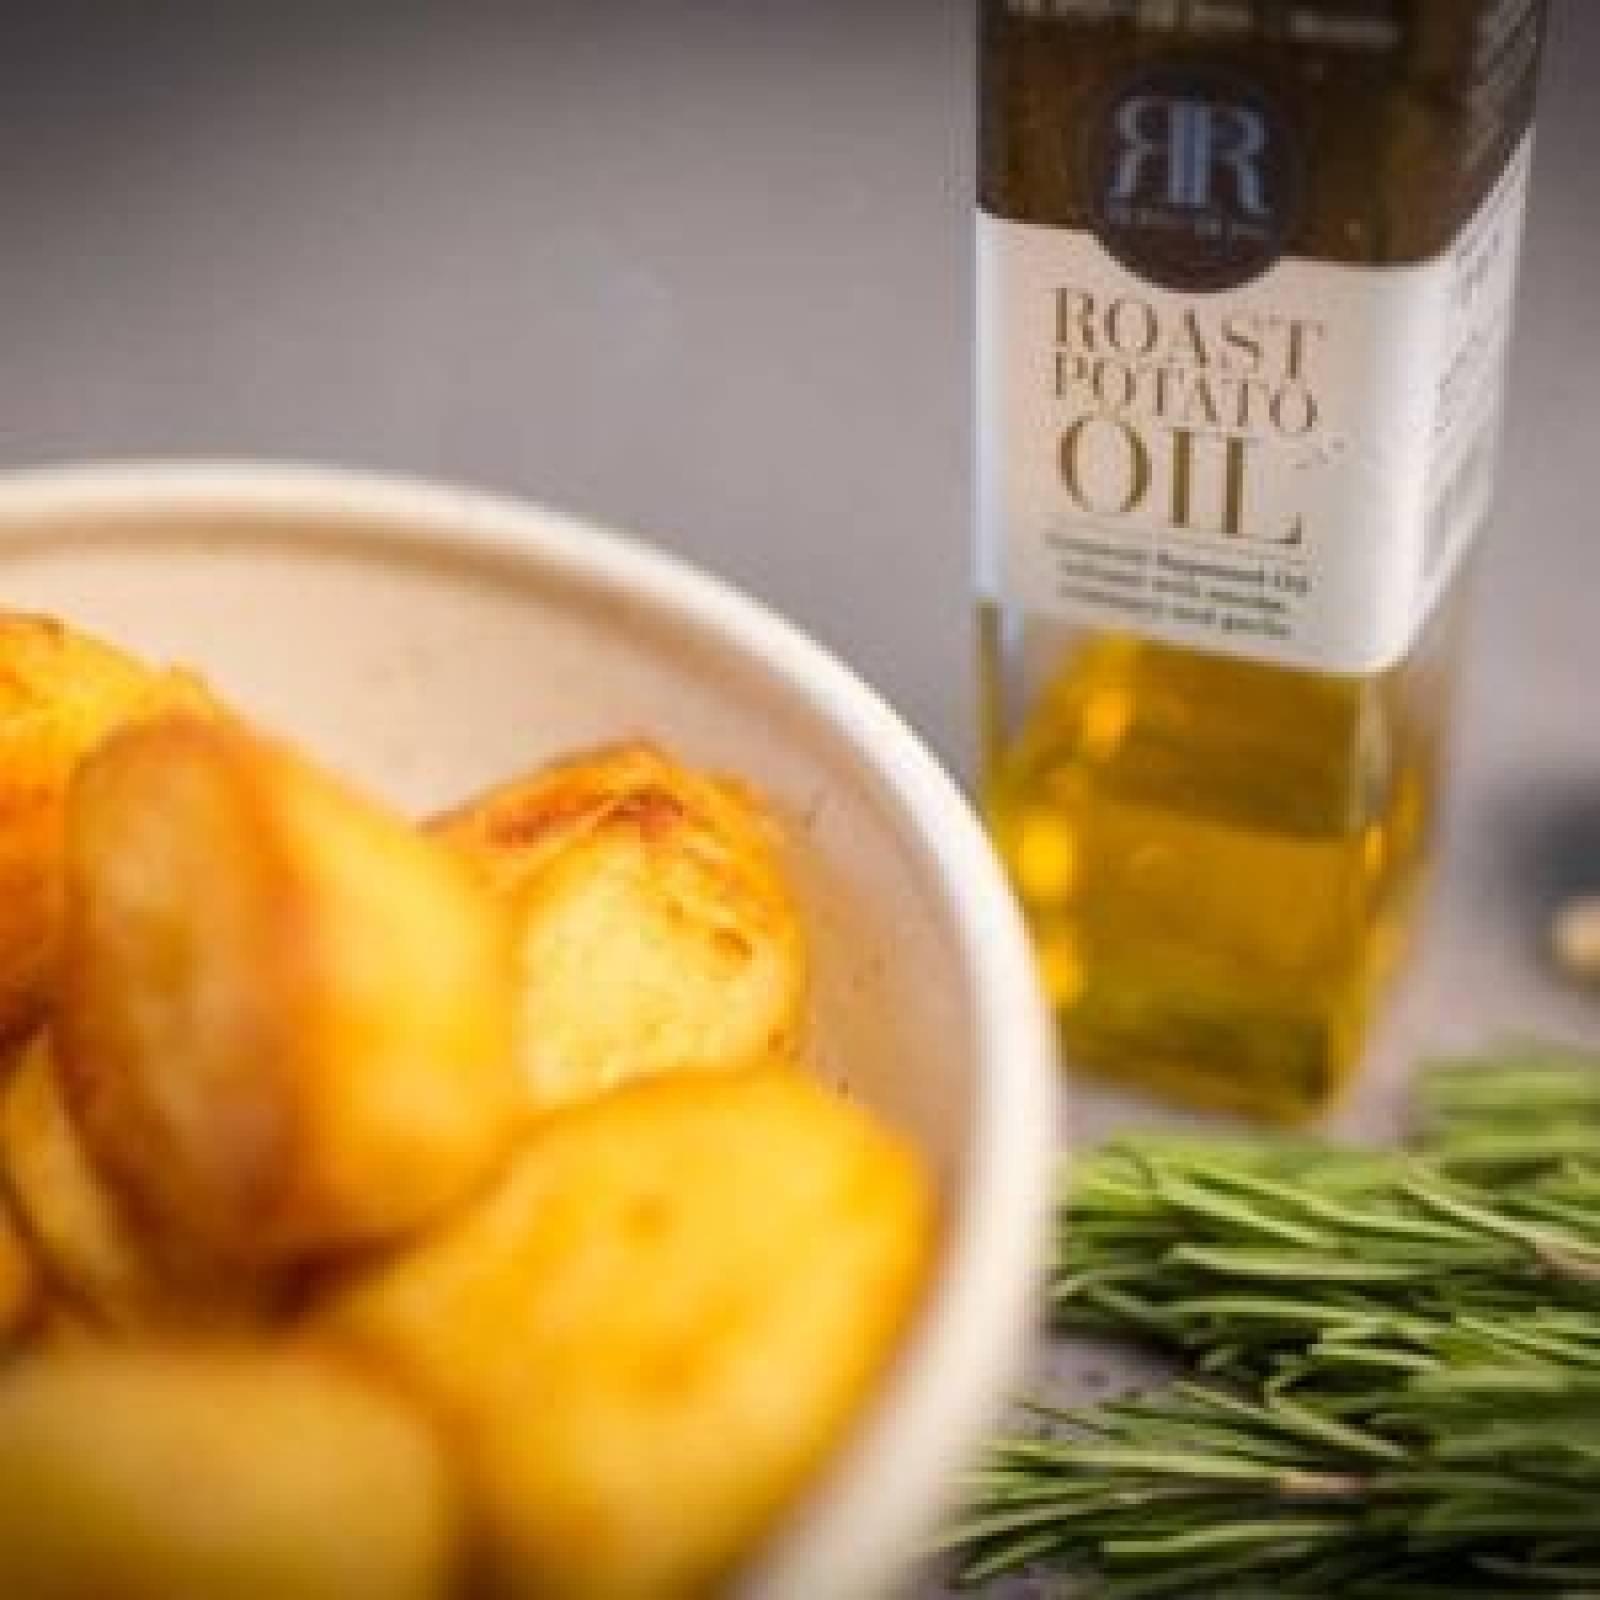 Roast Potato Oil By Ross & Ross